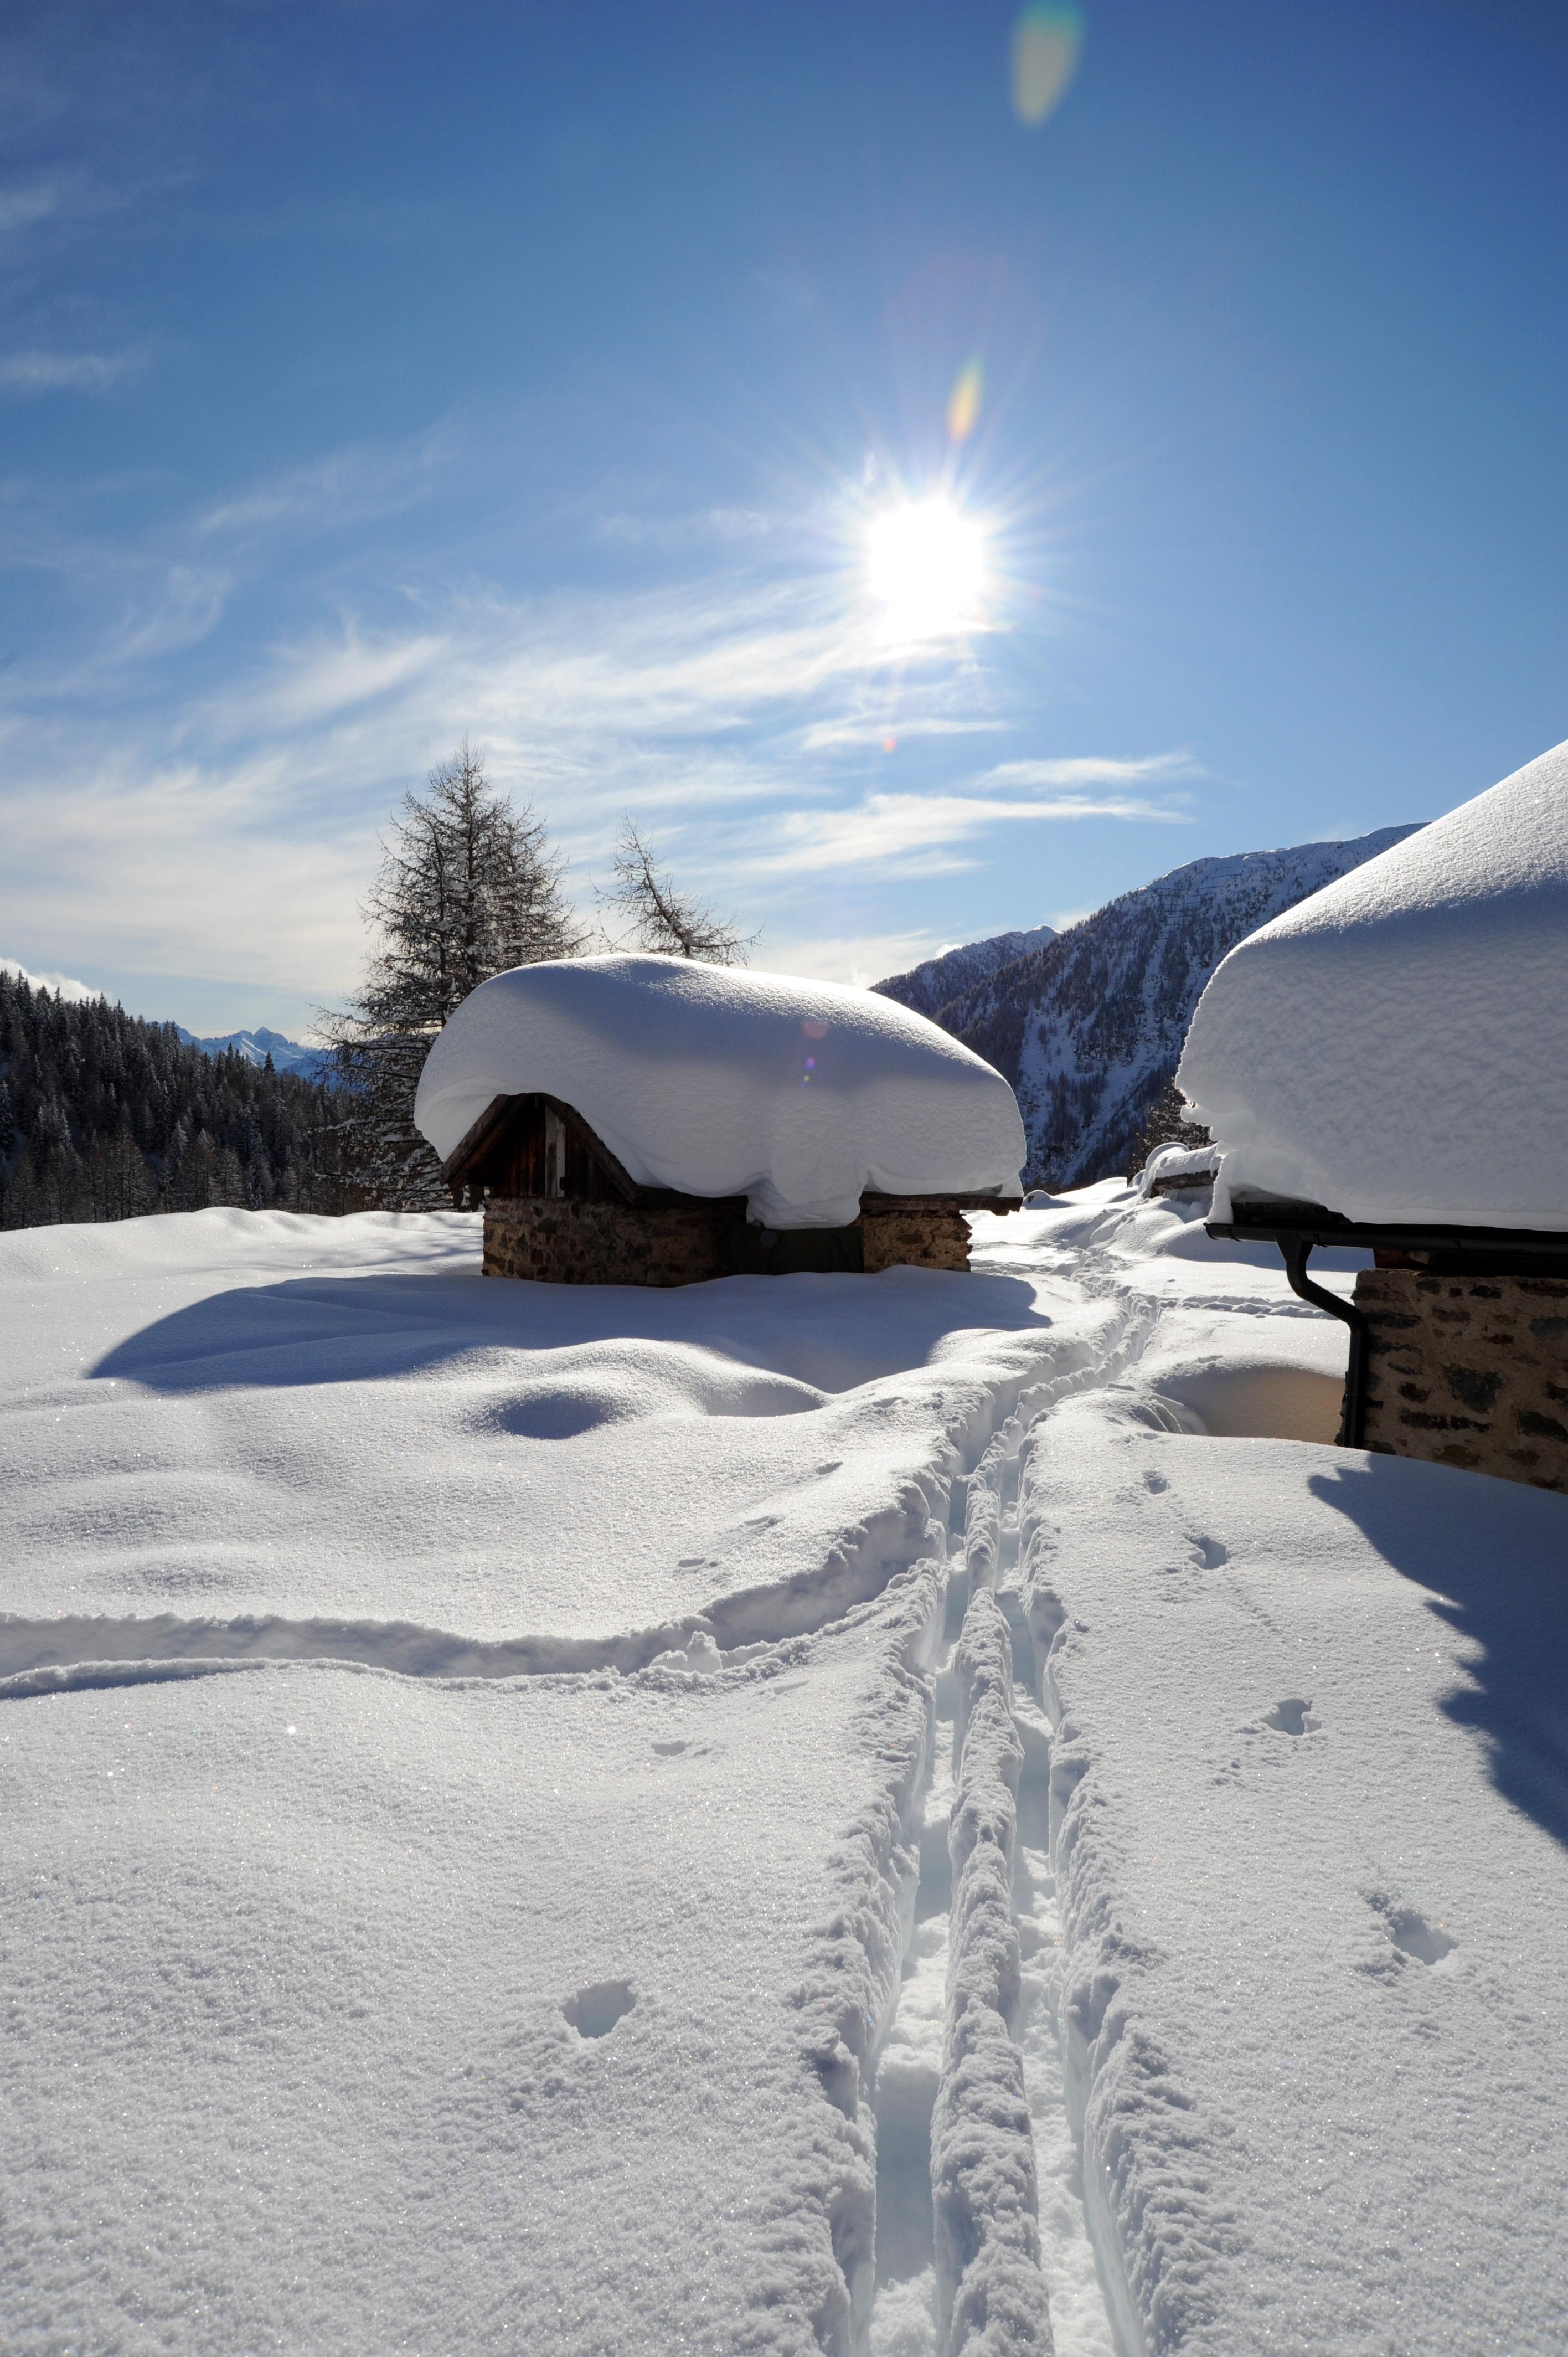 Foto della Val di Pejo in inverno, selezione migliori immagine della Val di Pejo, piste di sci, masi, sports, animali, contadini, attività turistiche. Winter sports in Pejo.Winter images of Val di Pejo